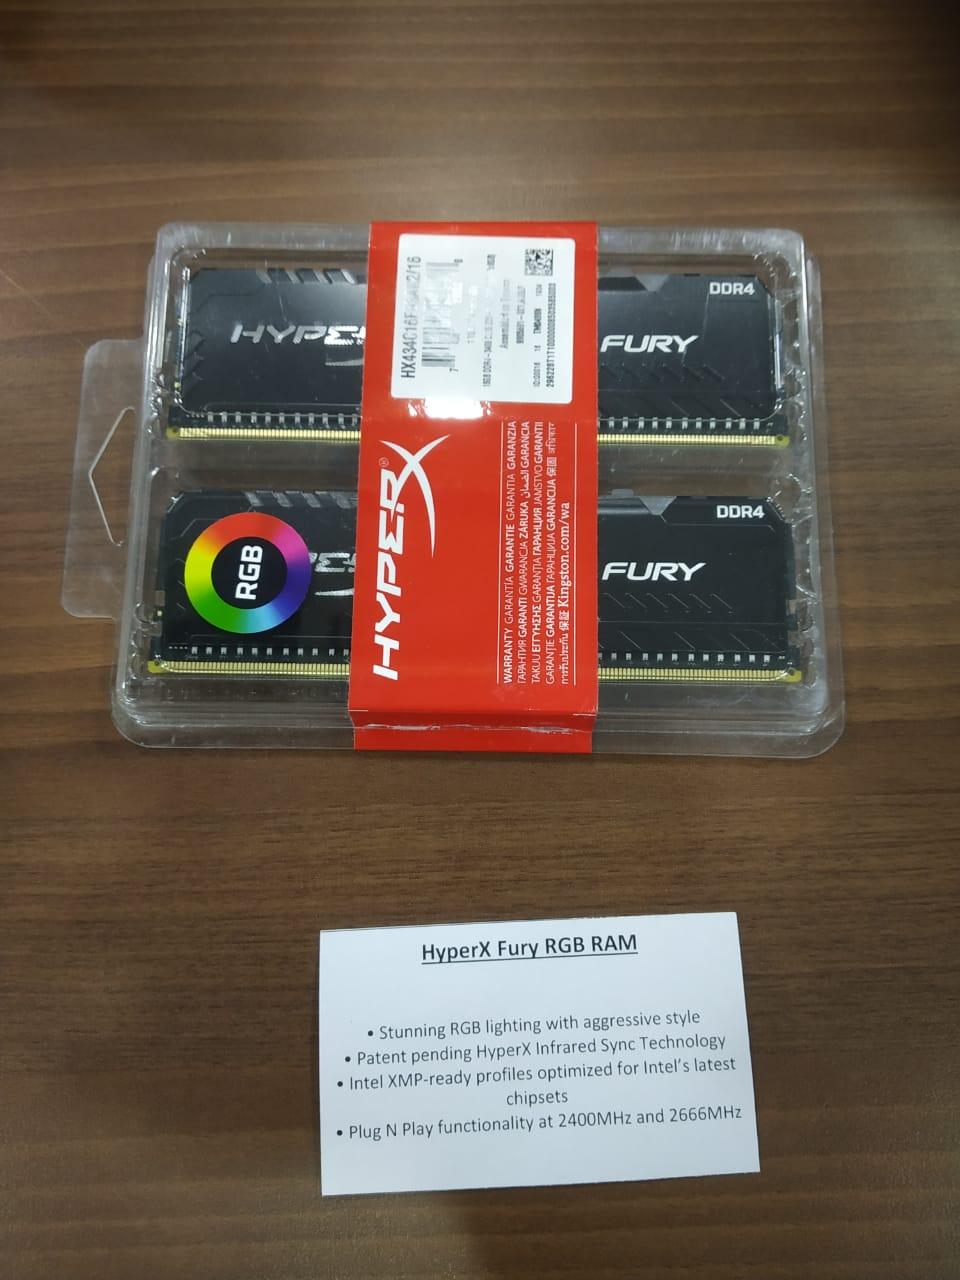 HyperX fury DDR4 RGB memory